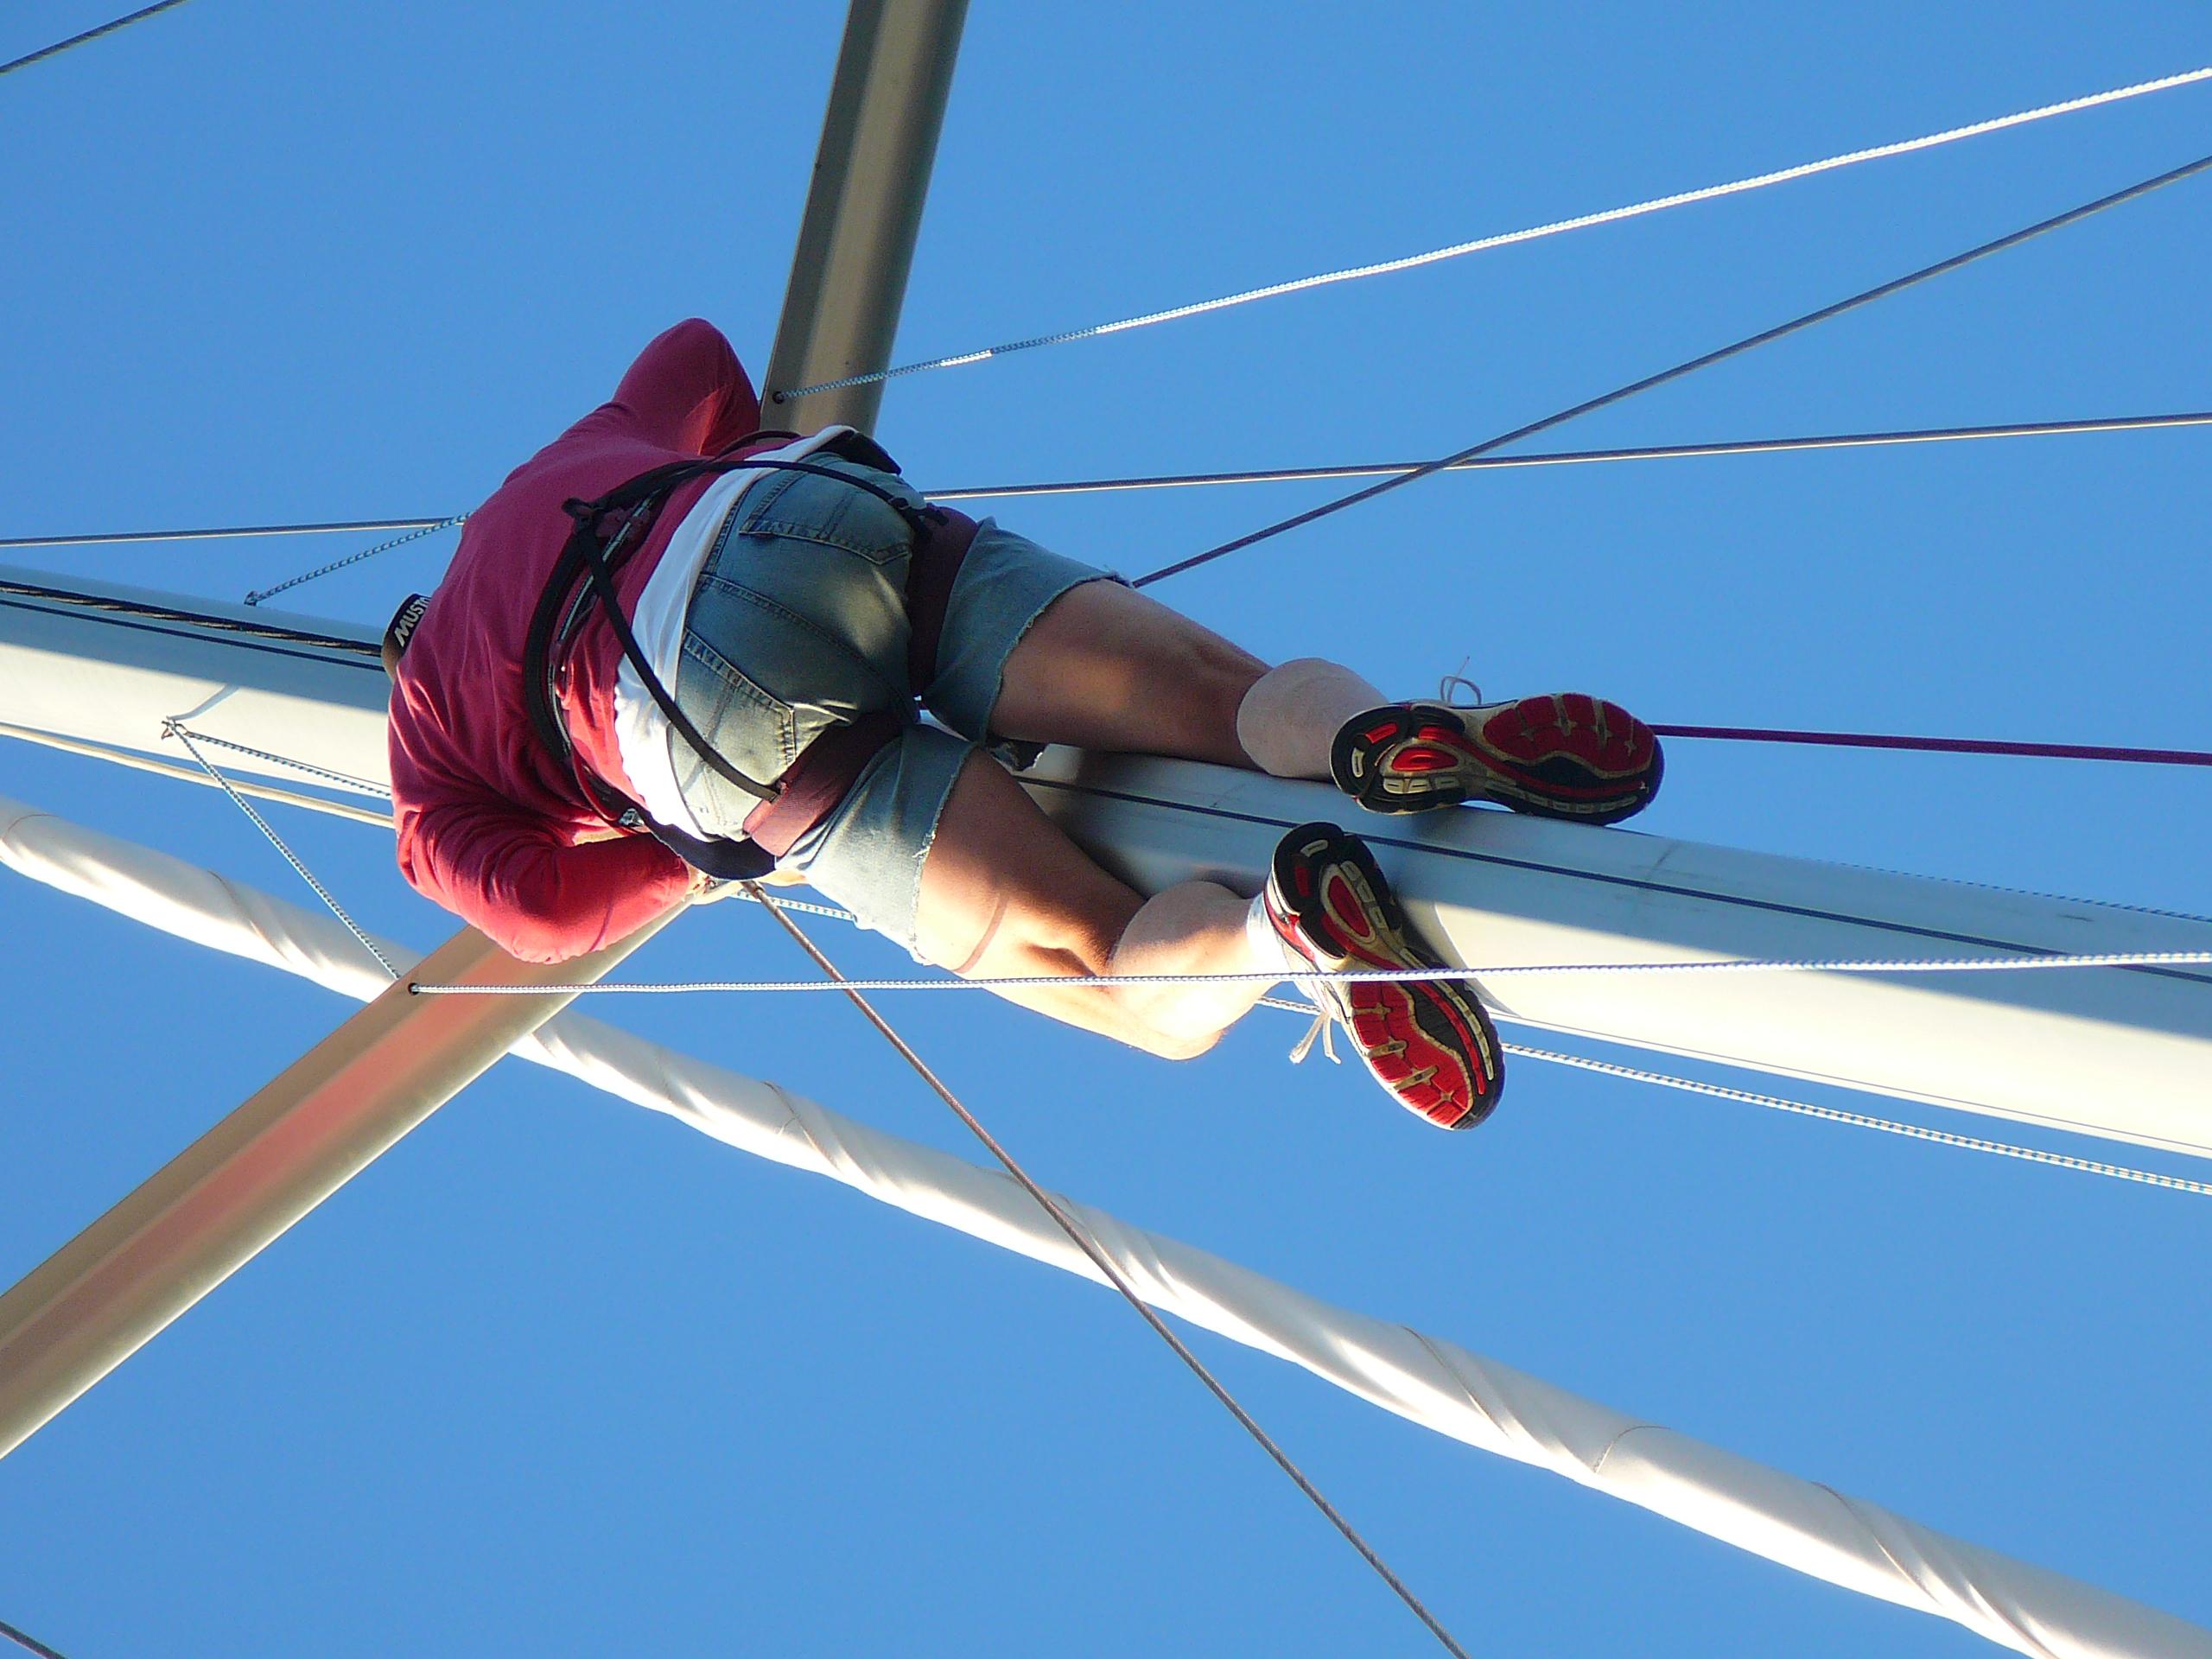 Klettergurt Für Mast : Edelrid zack gym klettergurt